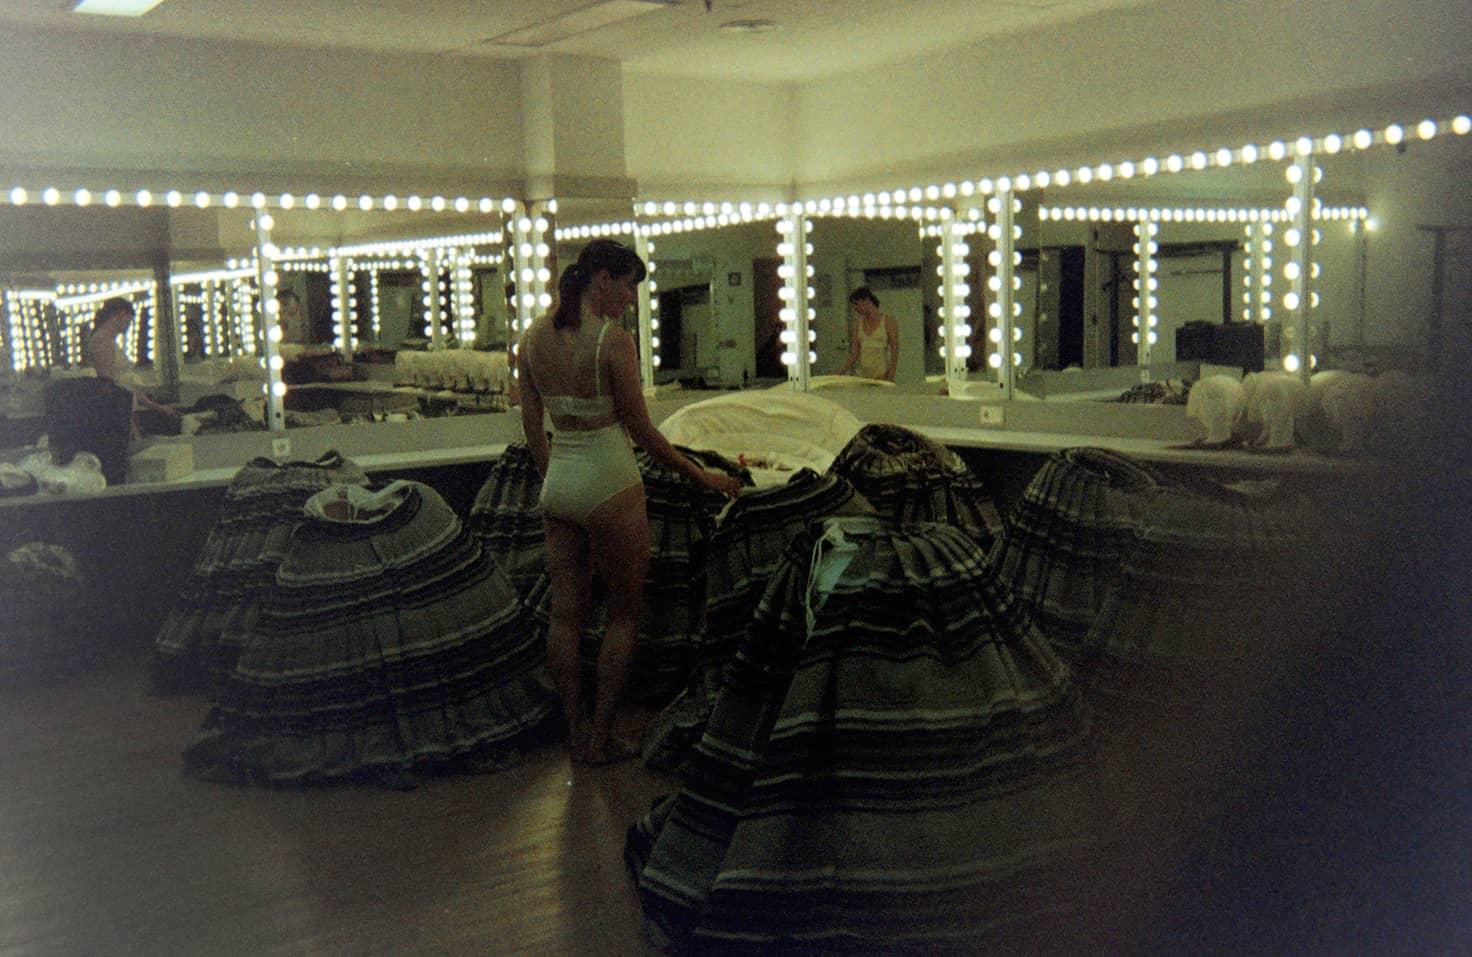 Ariadna Montfort Body Mia 005 talk under light